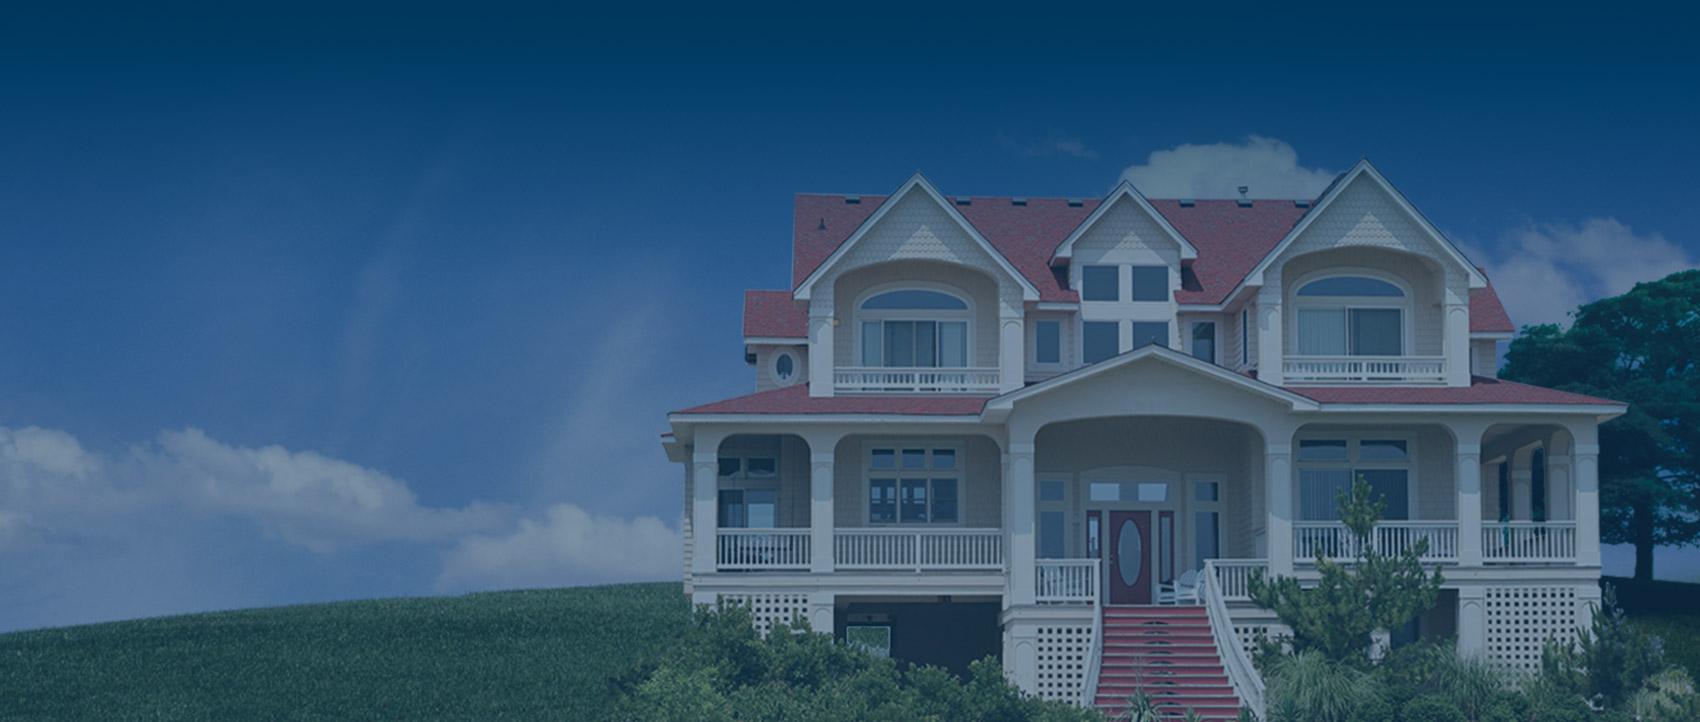 Home Inspection Checklist in Hamilton